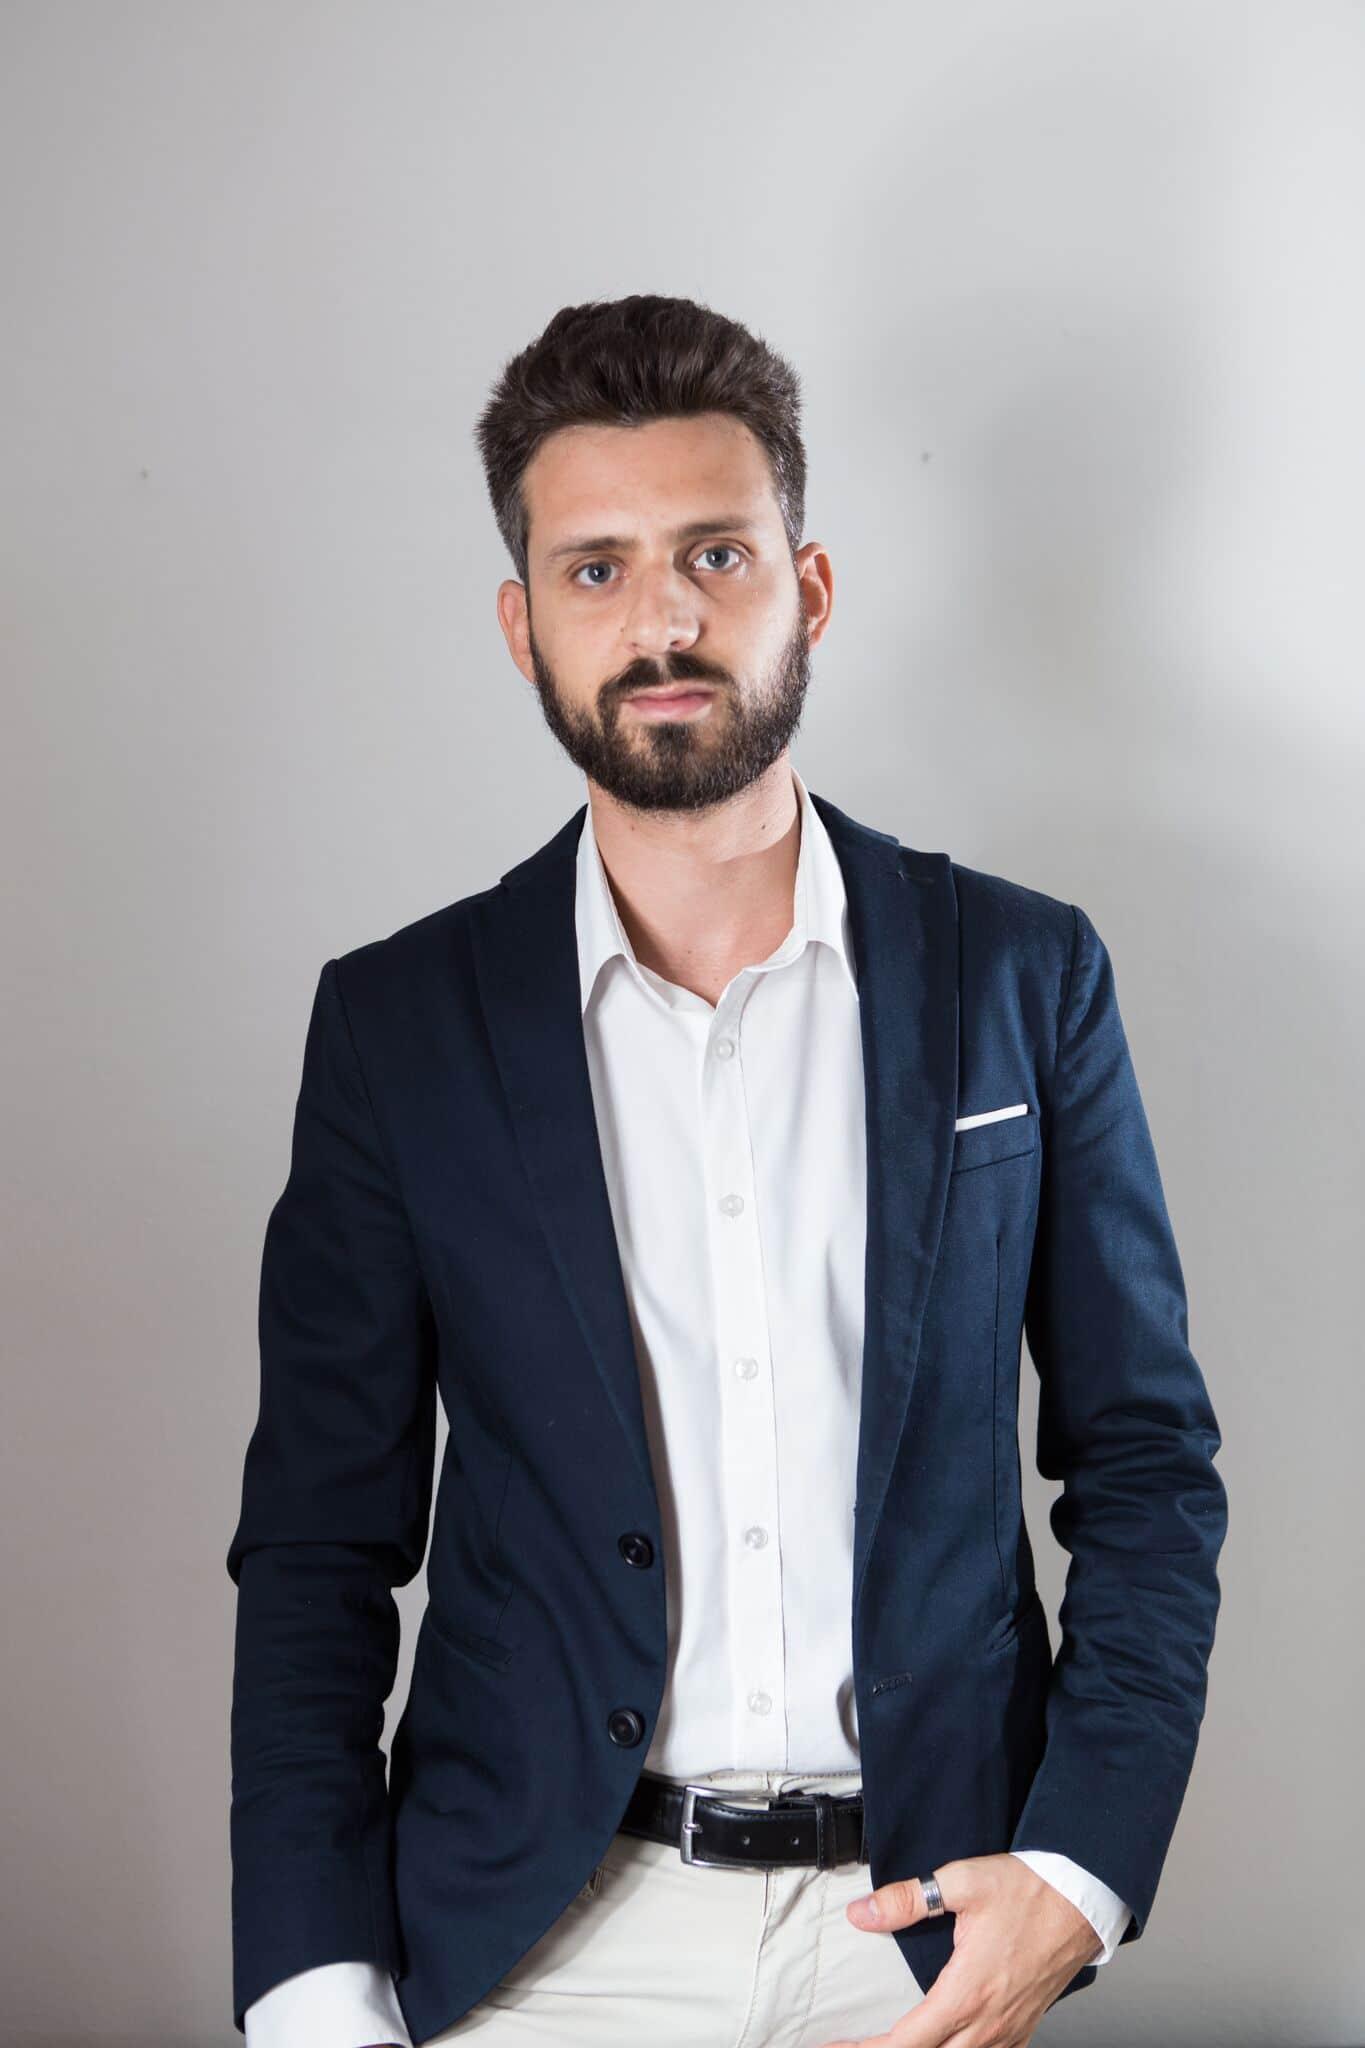 Matteo Bugliari